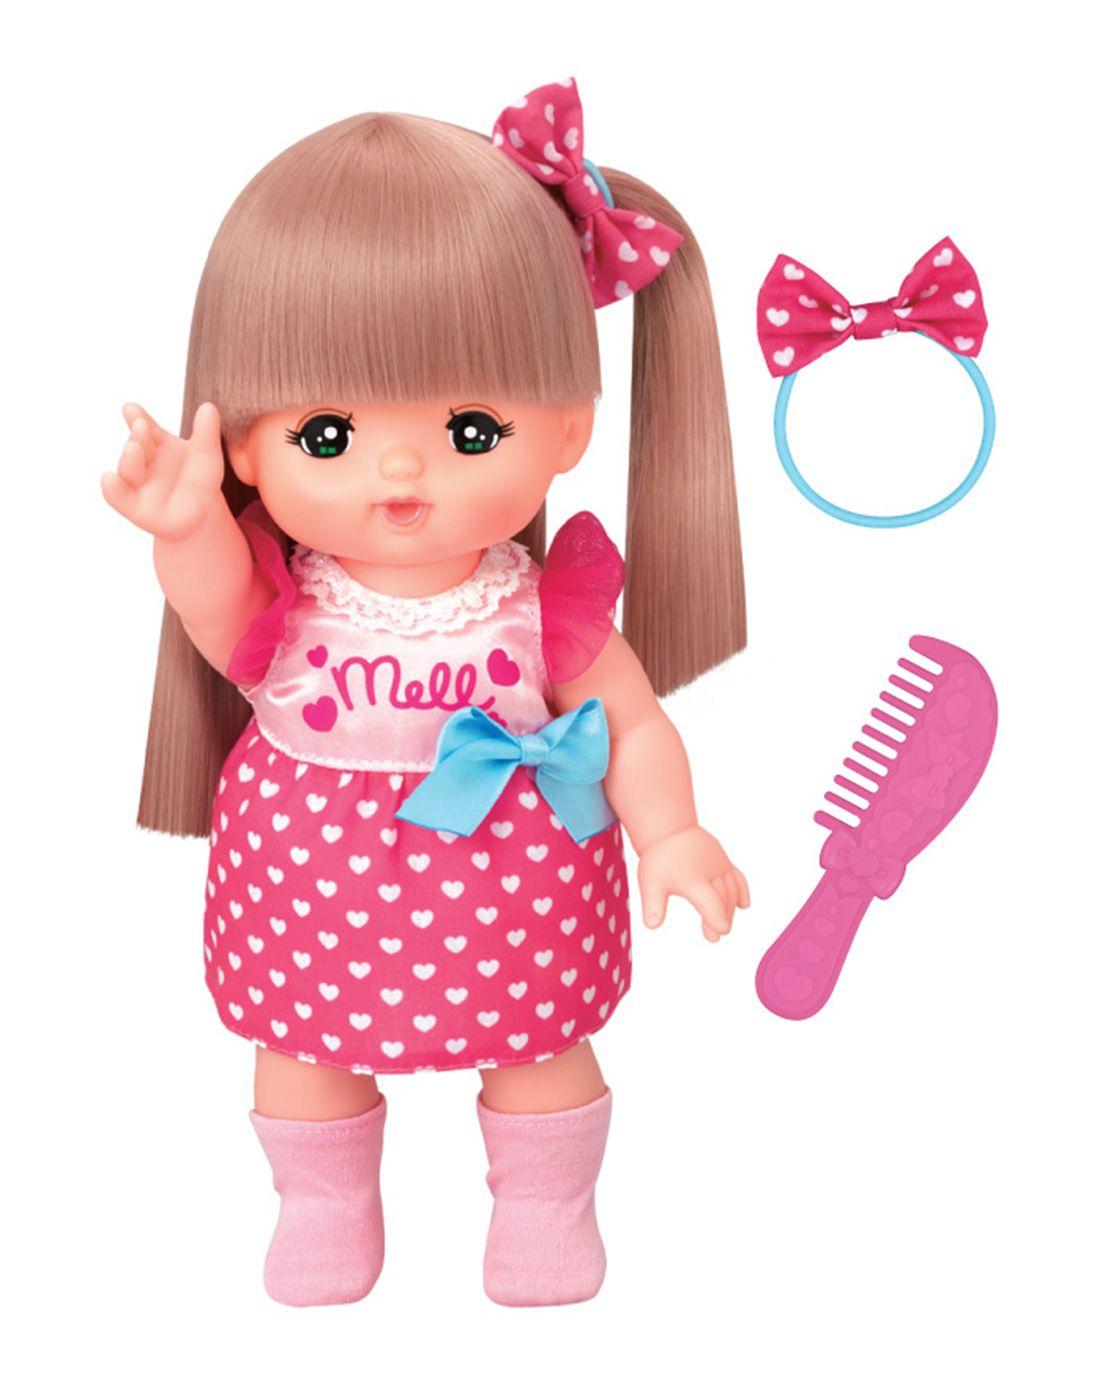 跑车新版咪露长发玩具娃娃玩具莲花elise图片